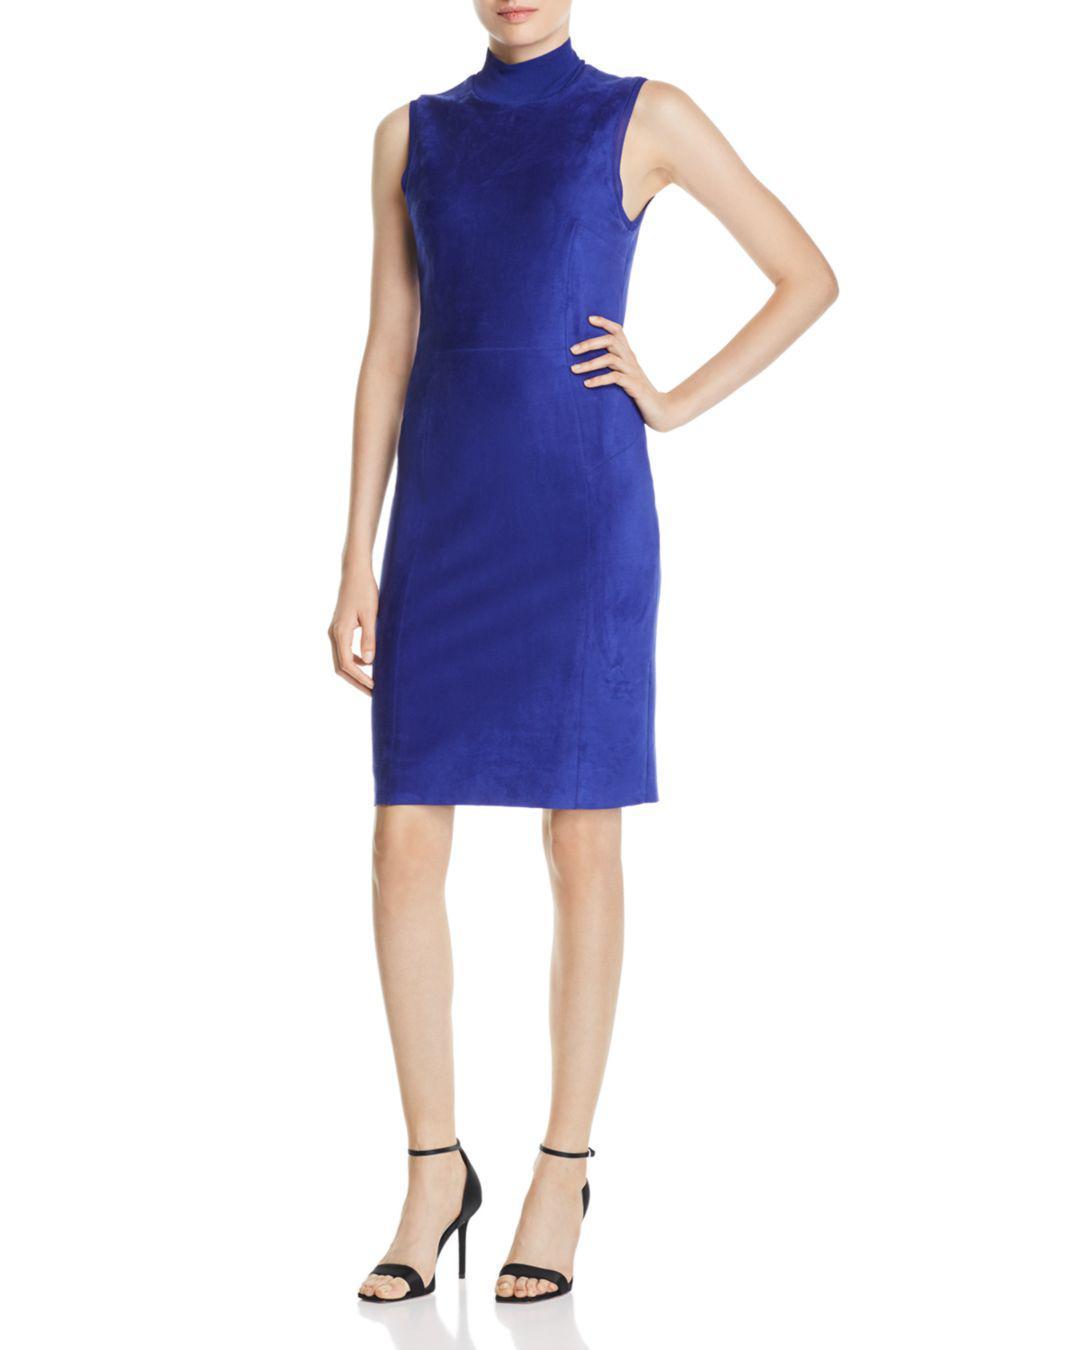 bff63e83 Lyst - Elie Tahari Londynn Faux-suede Sheath Dress in Blue